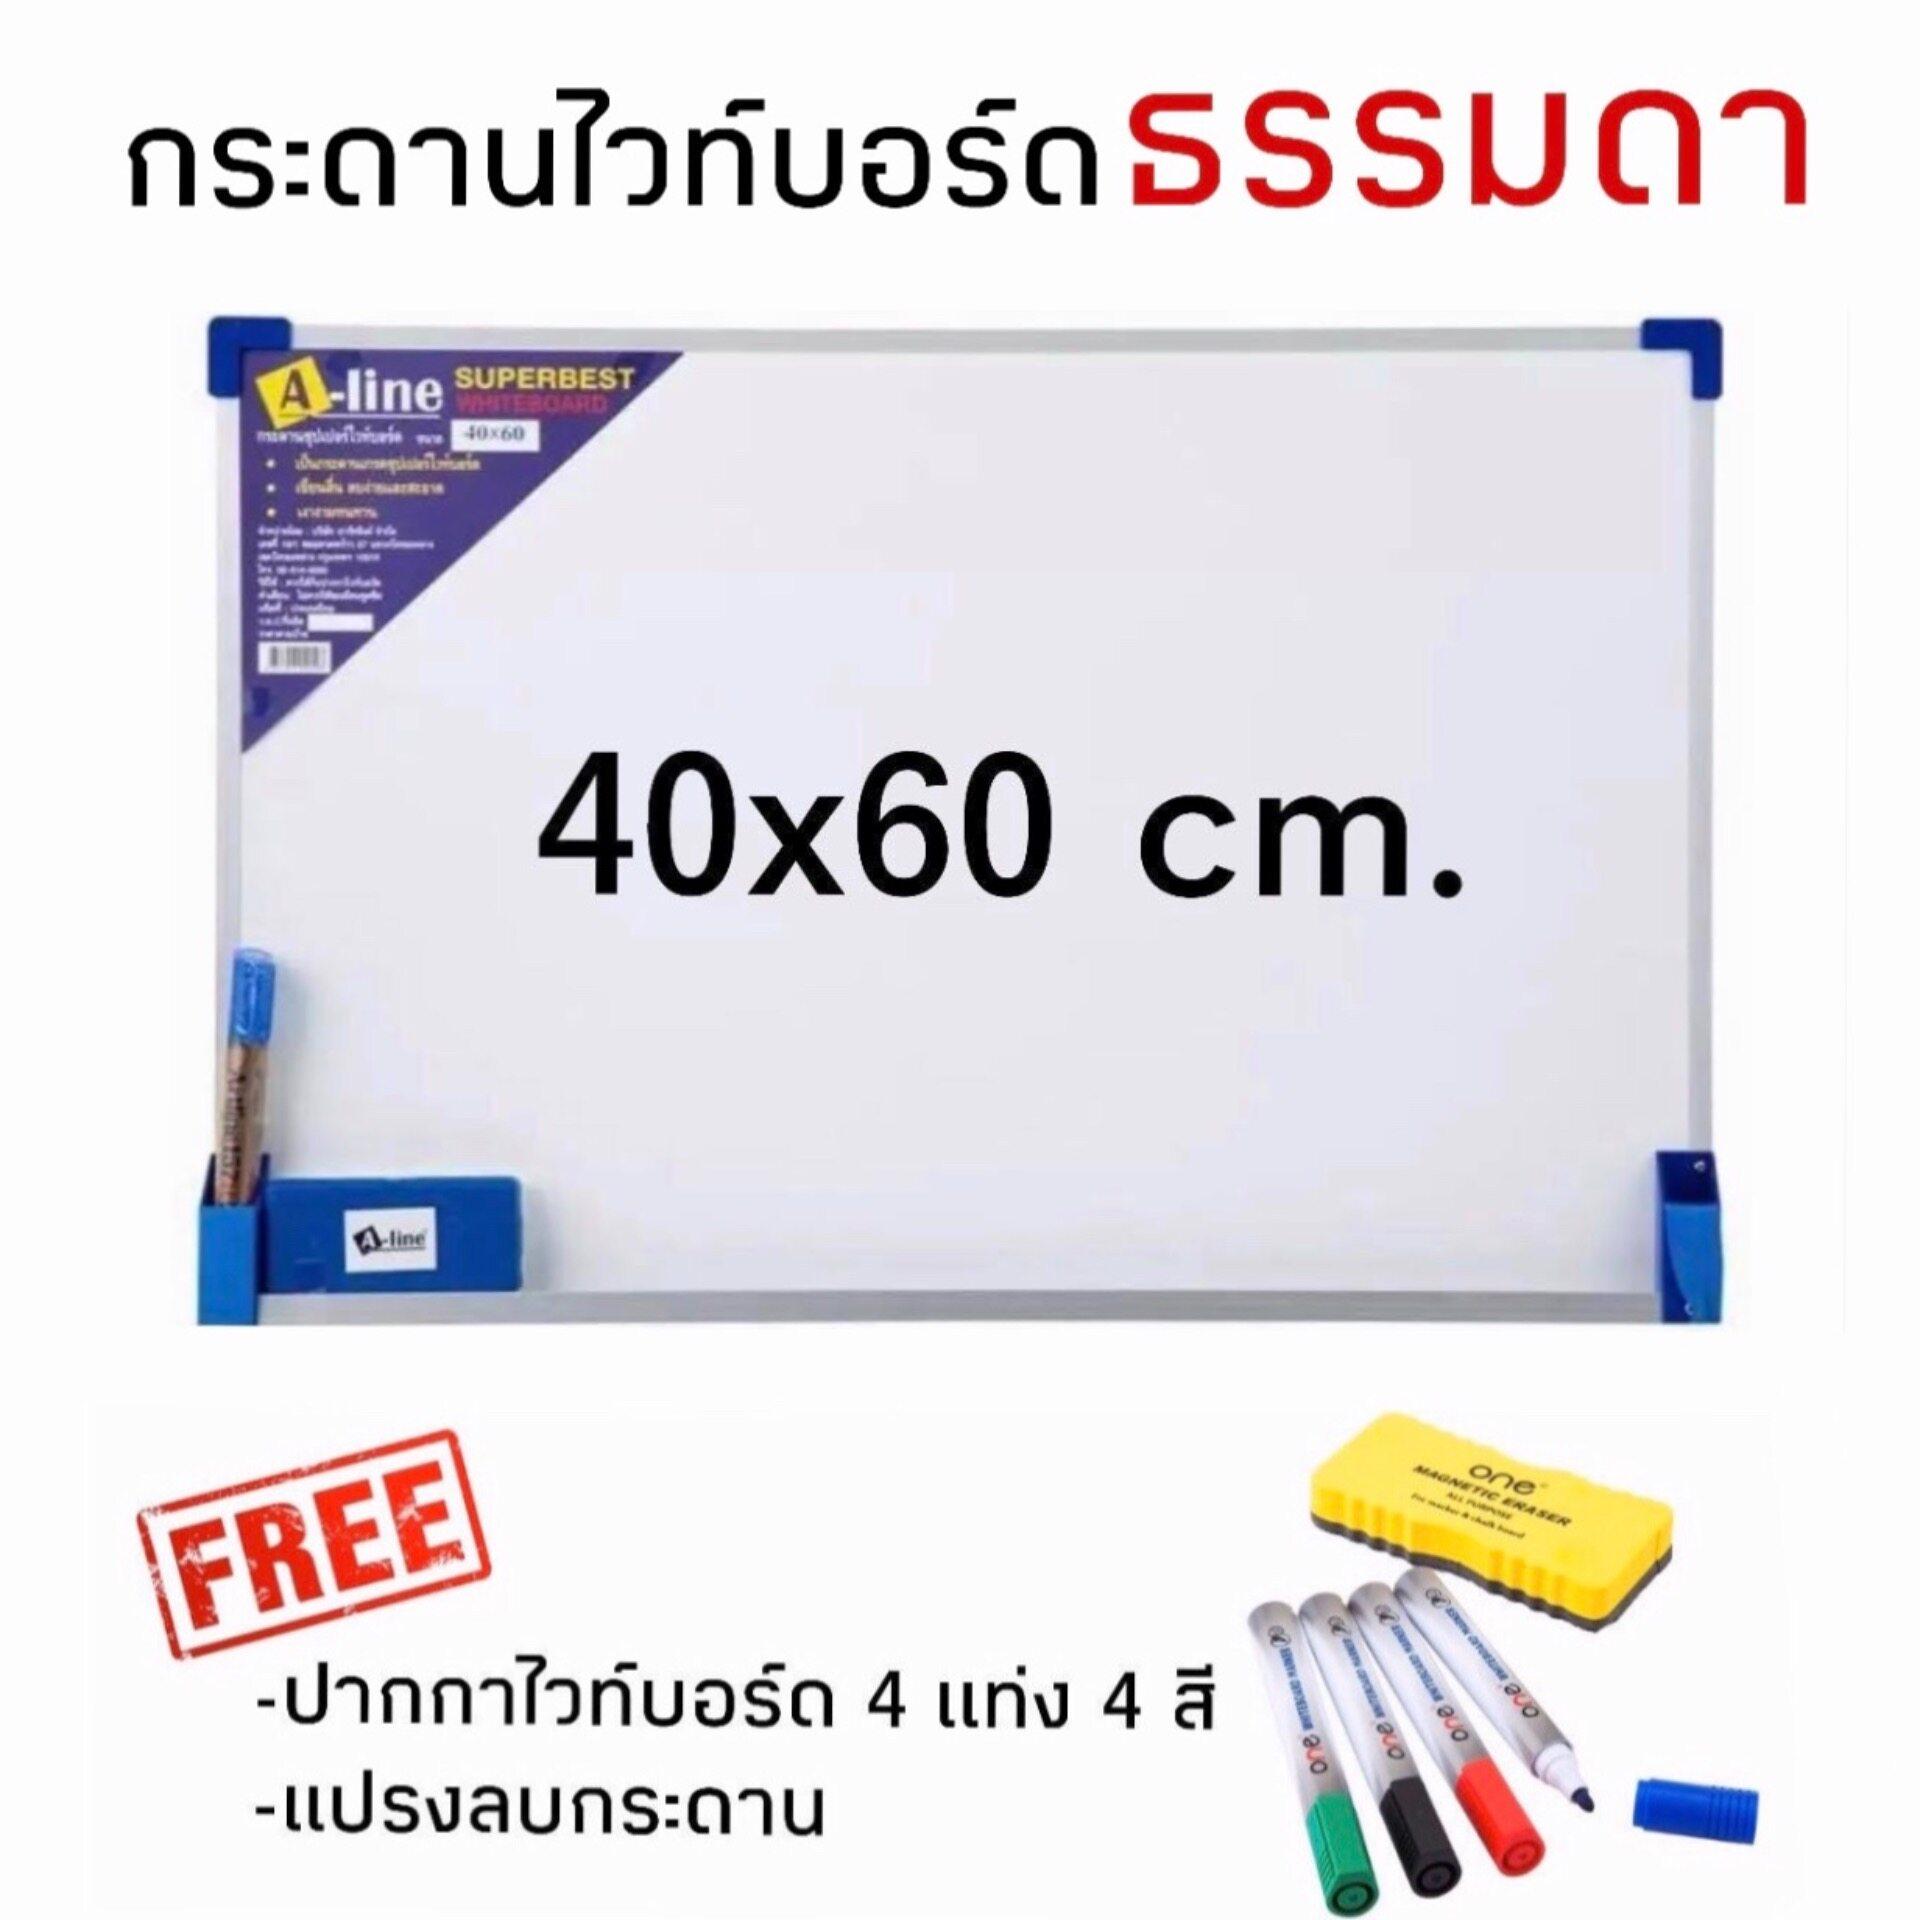 กระดานไวท์บอร์ดธรรมดา Whiteboard ขนาด 40x60cm. แถมฟรี ปากกาและแปรงลบกระดาน.